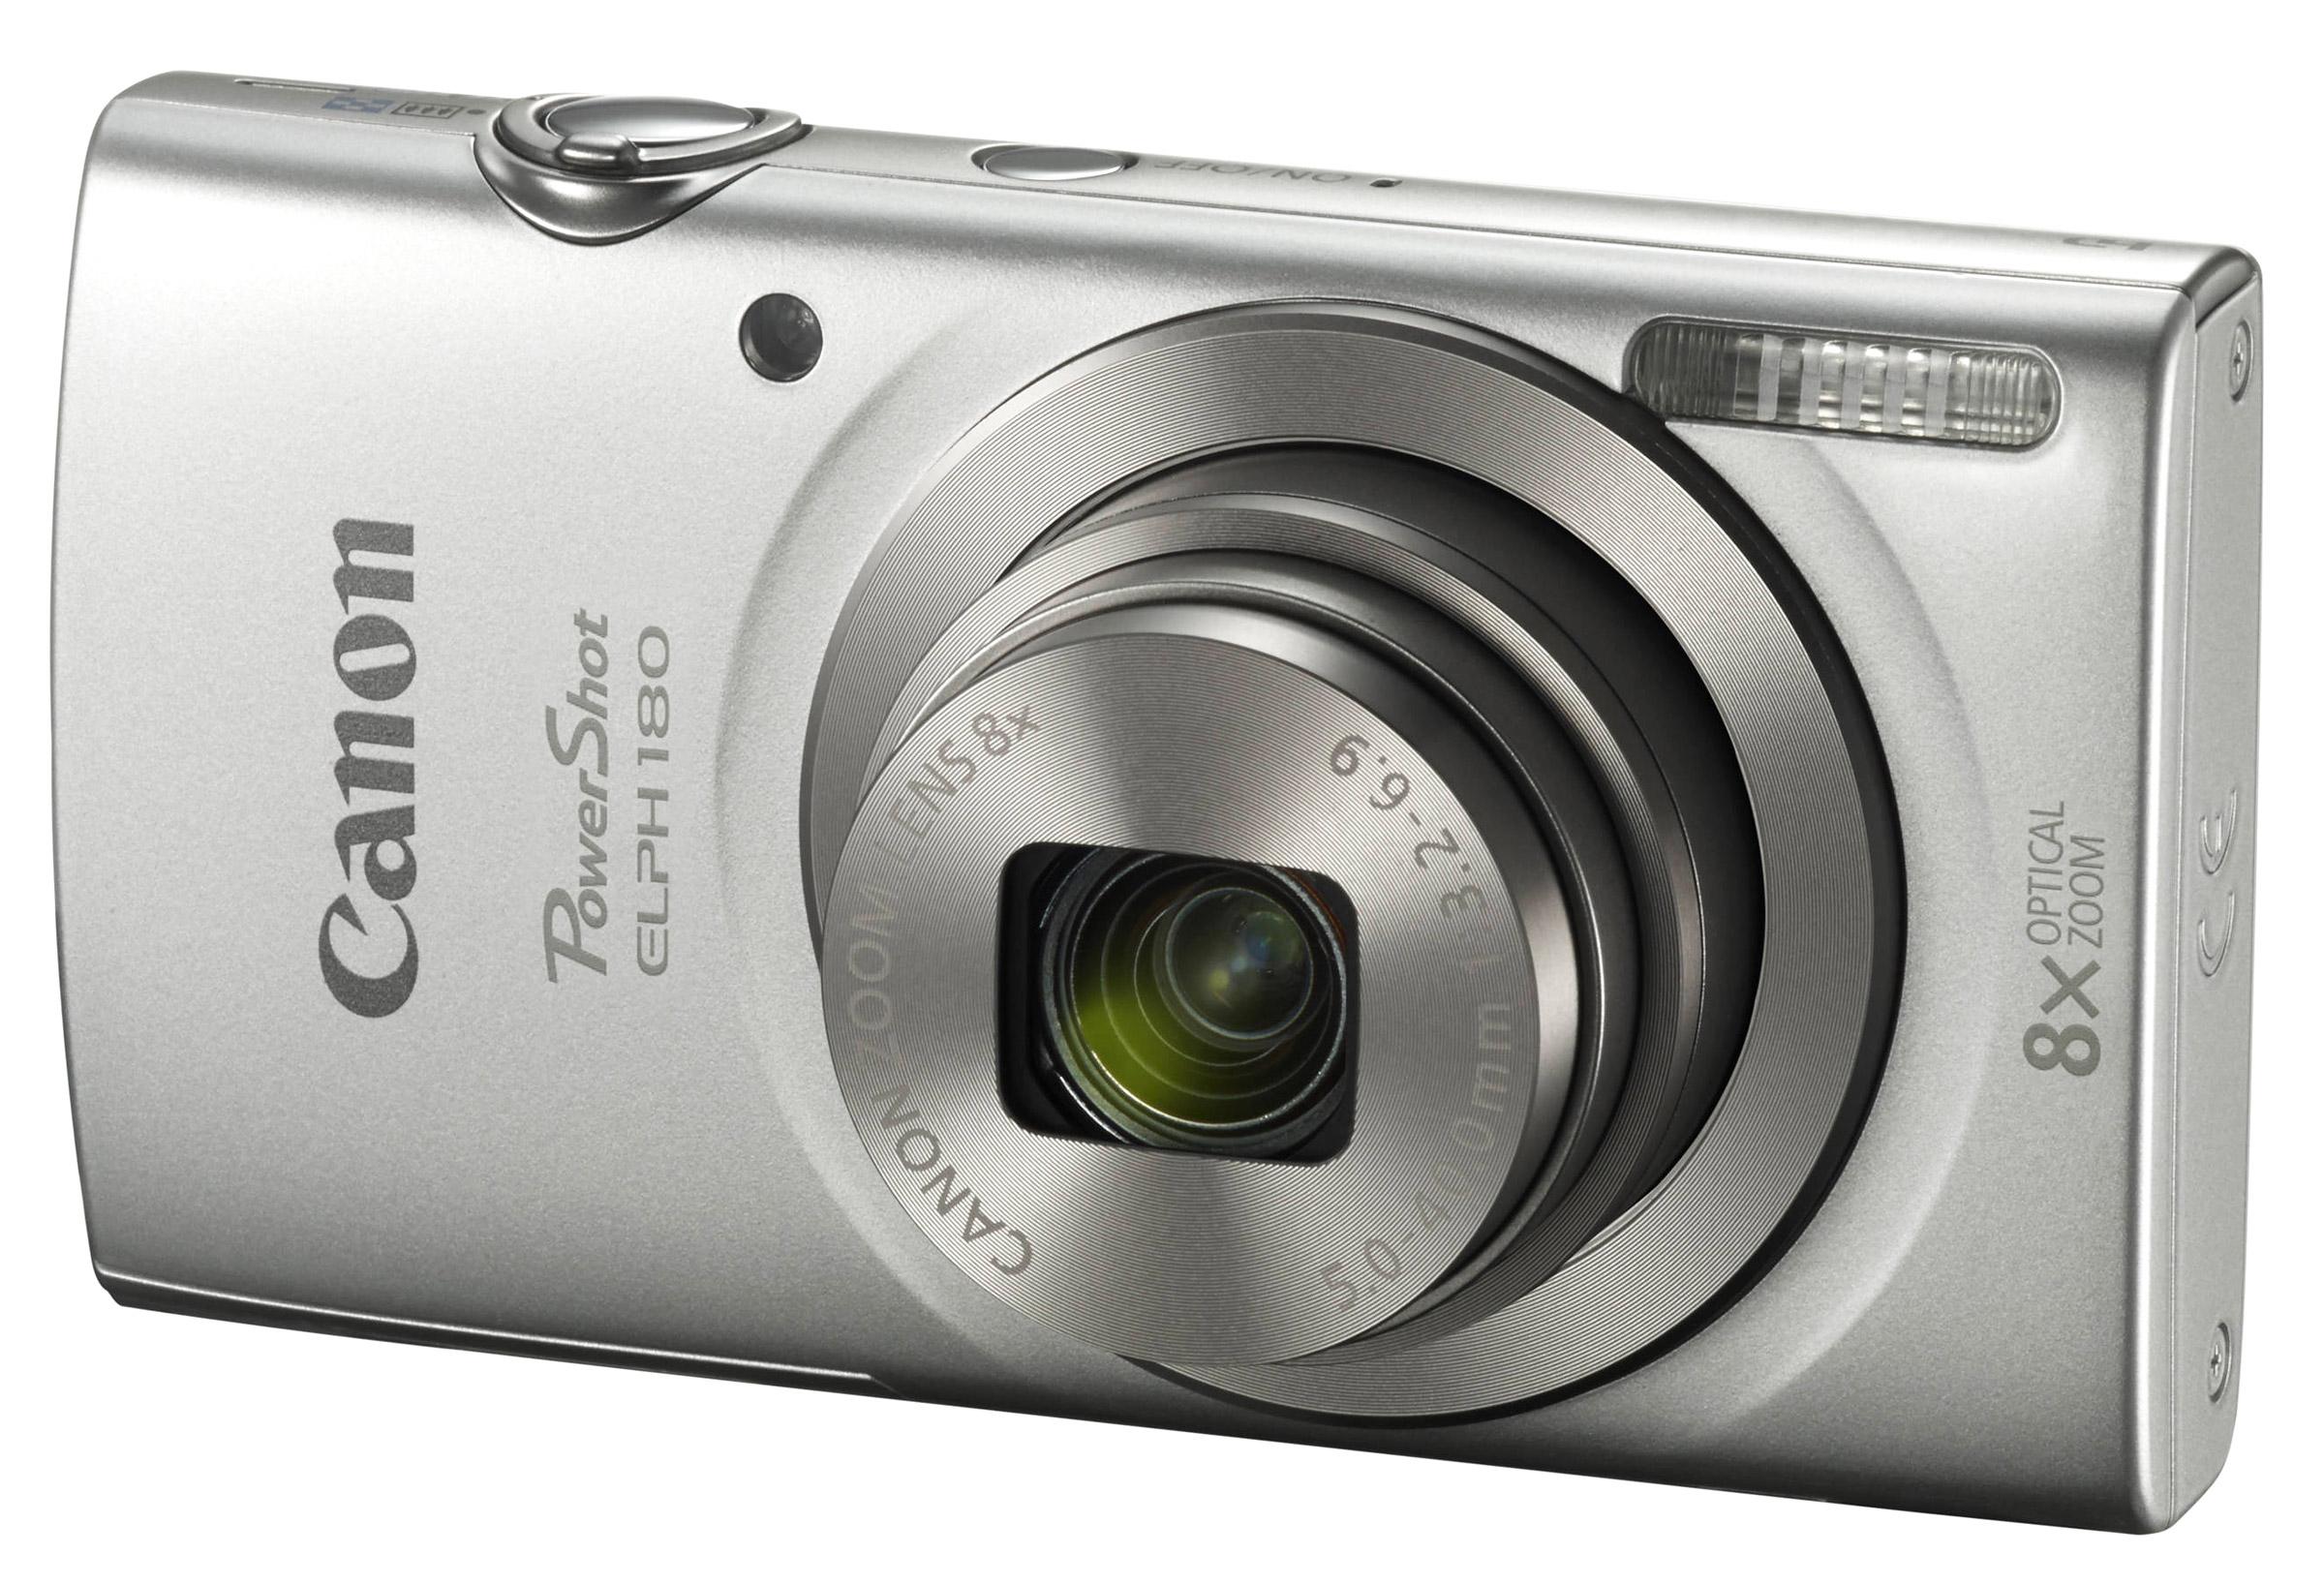 Canon Ixus 175 / Elph 180